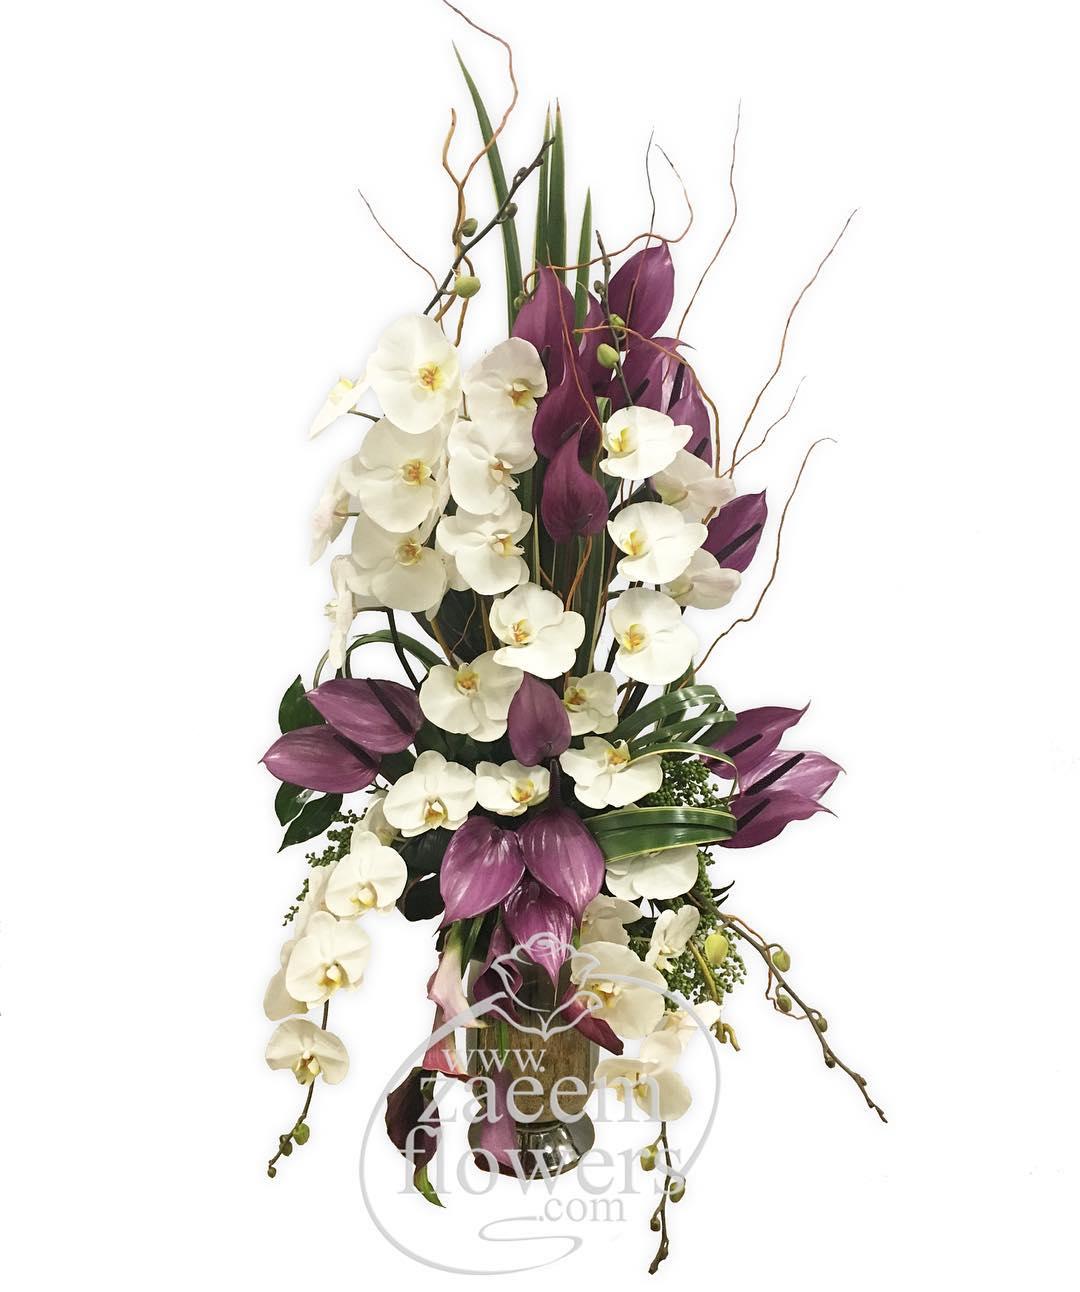 zaeemflowers_18512944_1723154837701903_7054566242757115904_n.jpg